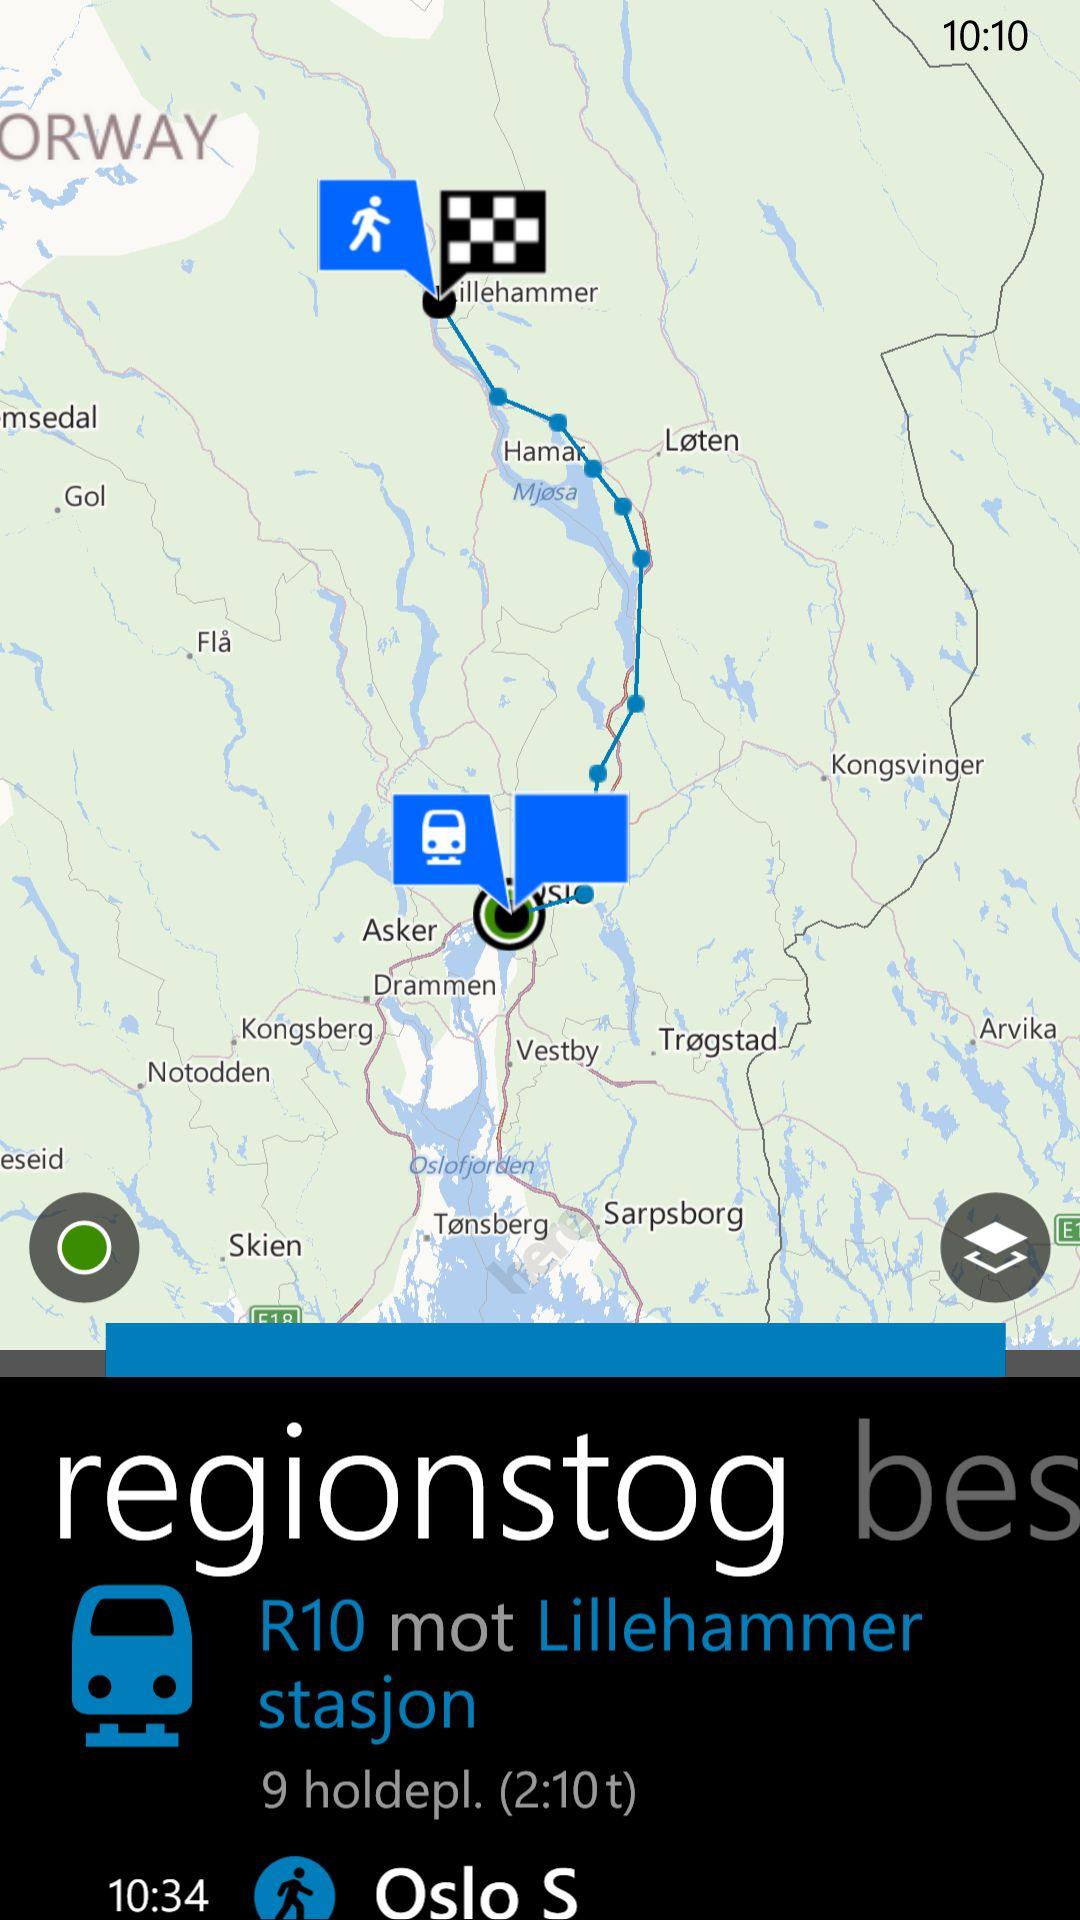 Here+-tjenestene er blant de beste navigasjonstjenestene du får på mobil.Foto: Finn Jarle Kvalheim, Amobil.no